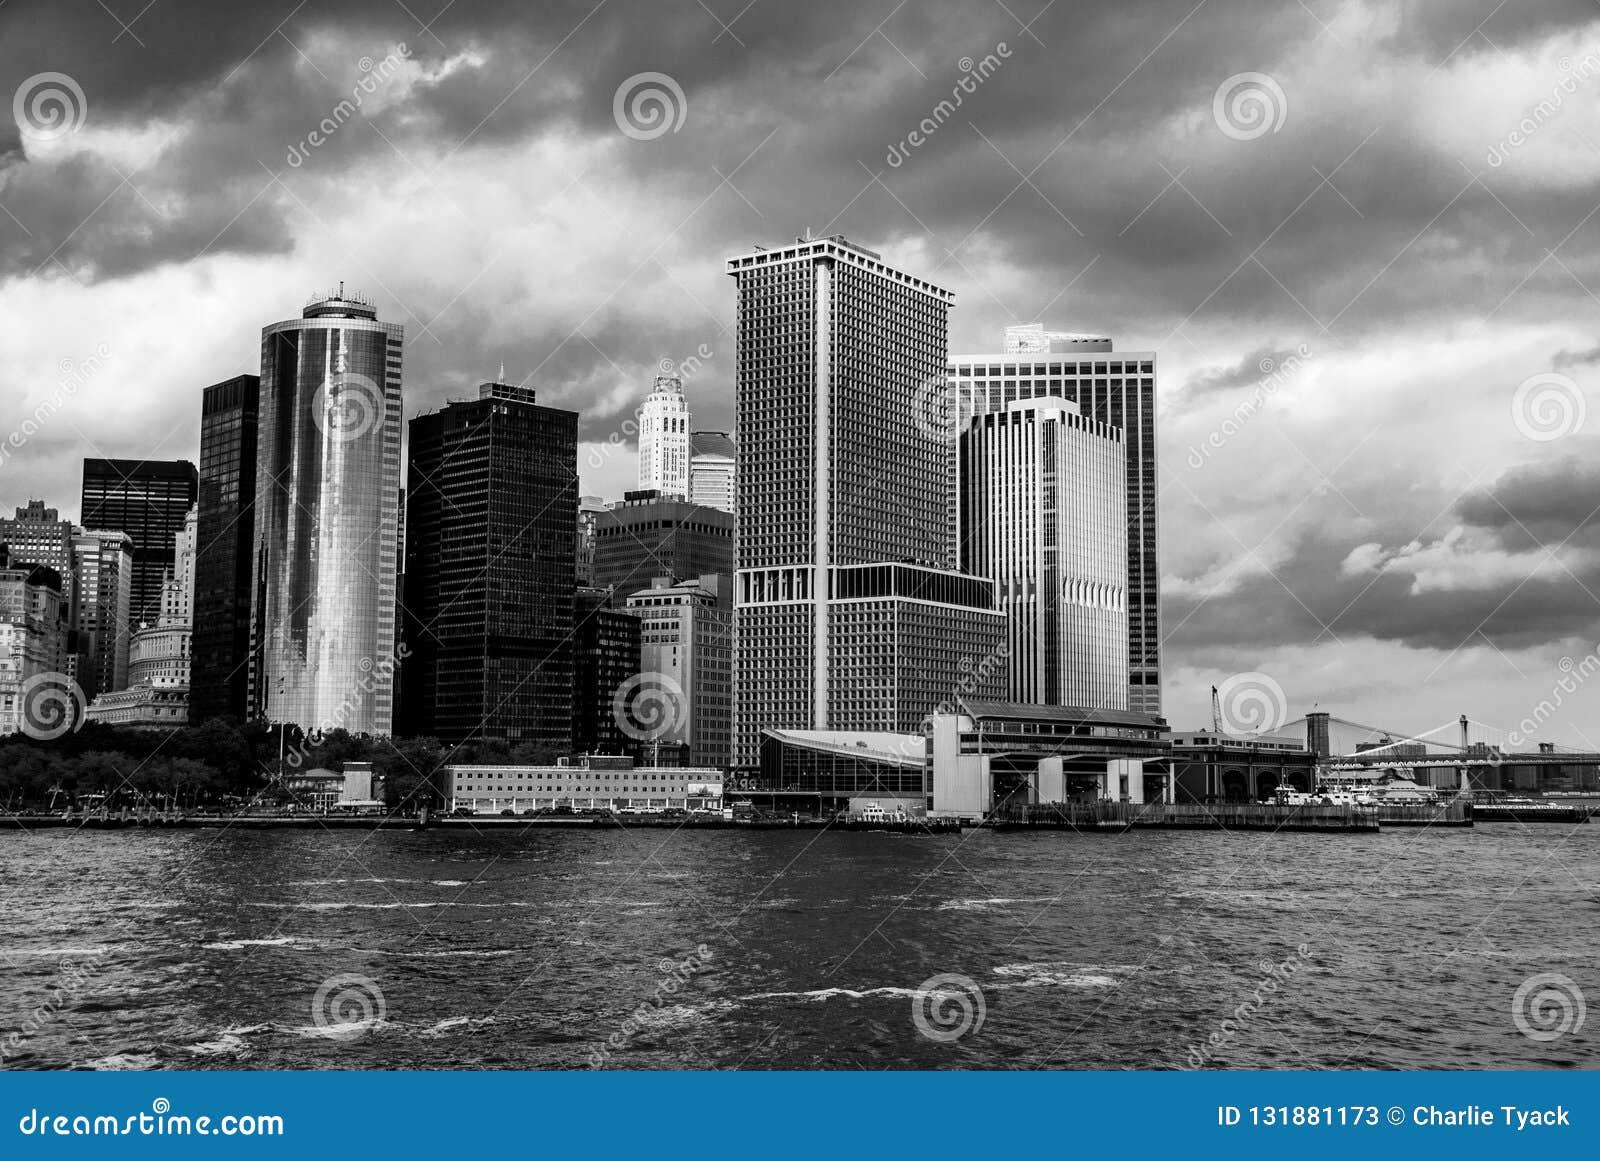 Manhattan zoals Bekeken van Staten Island Ferry - zuidoostelijk zwart-wit uiteinde -